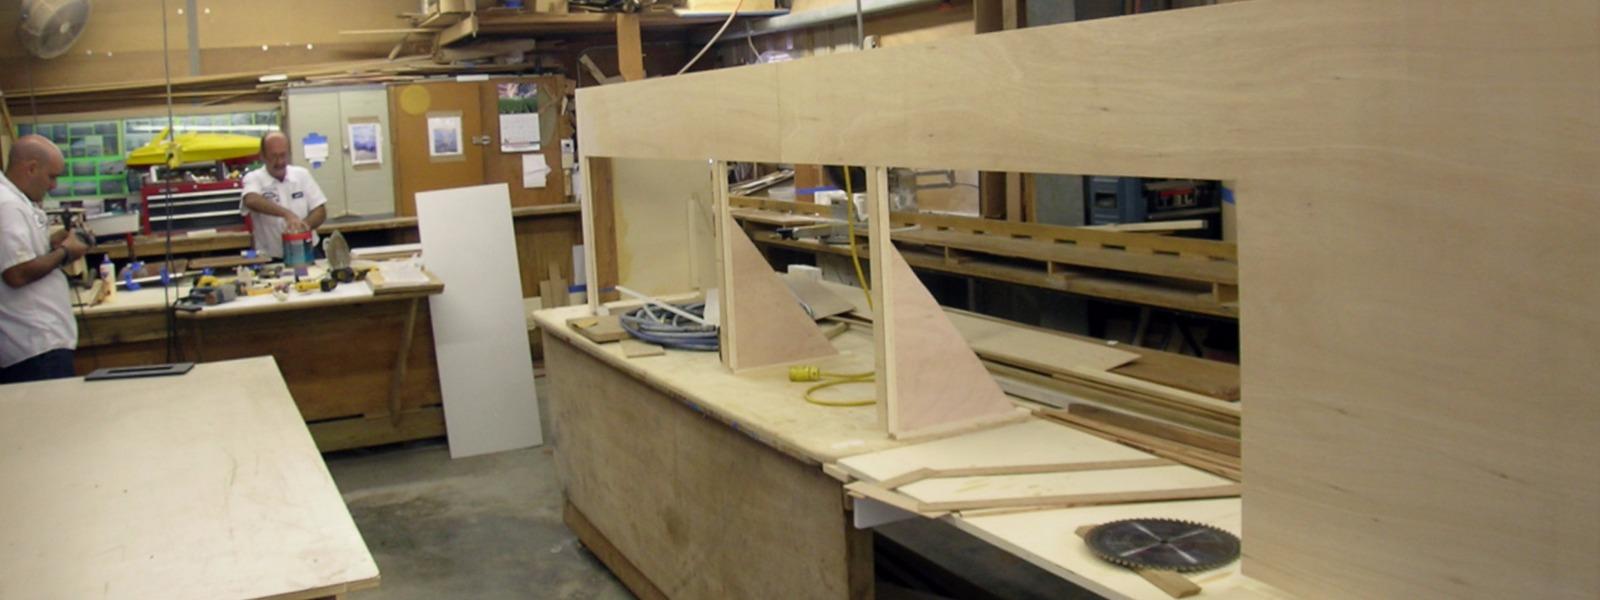 Carpinteros Albatera muebles de cocina   parquets tarimas flotantes puertas blindadas  de interior muebles vestidores